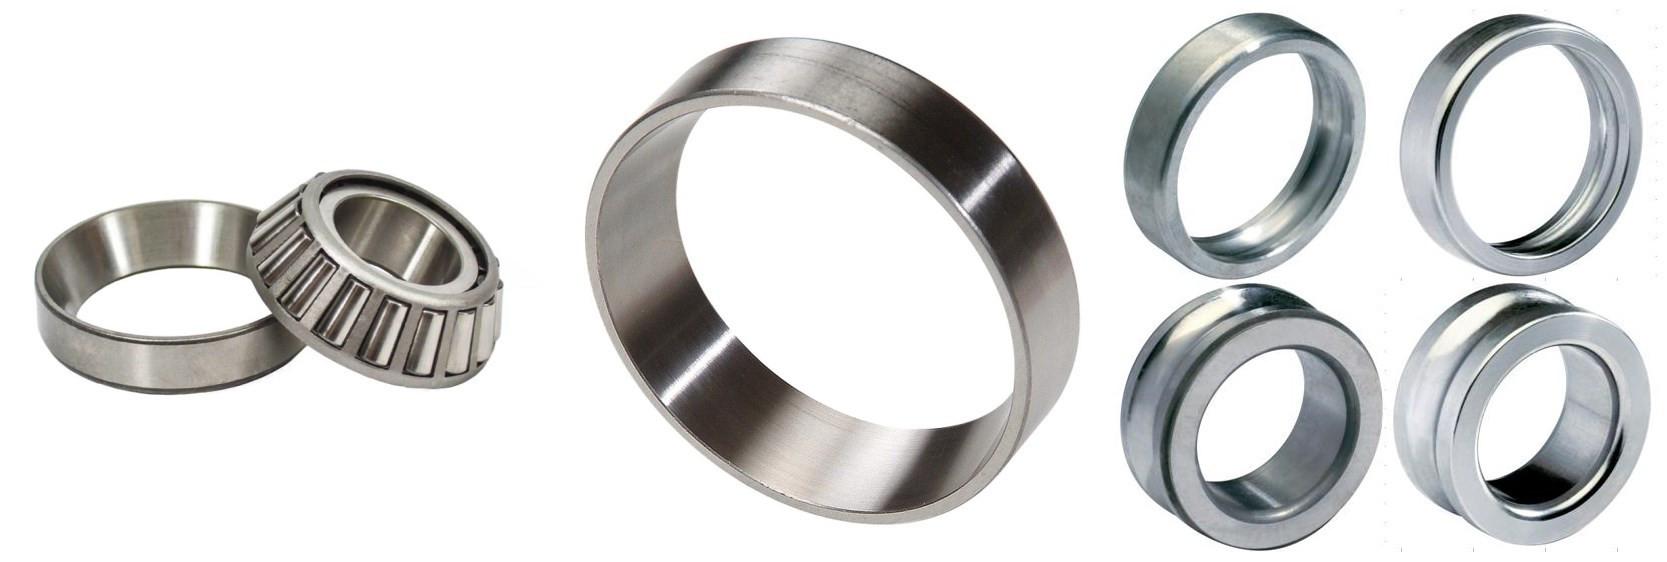 Automatic Bearing Ring Lathe Machine